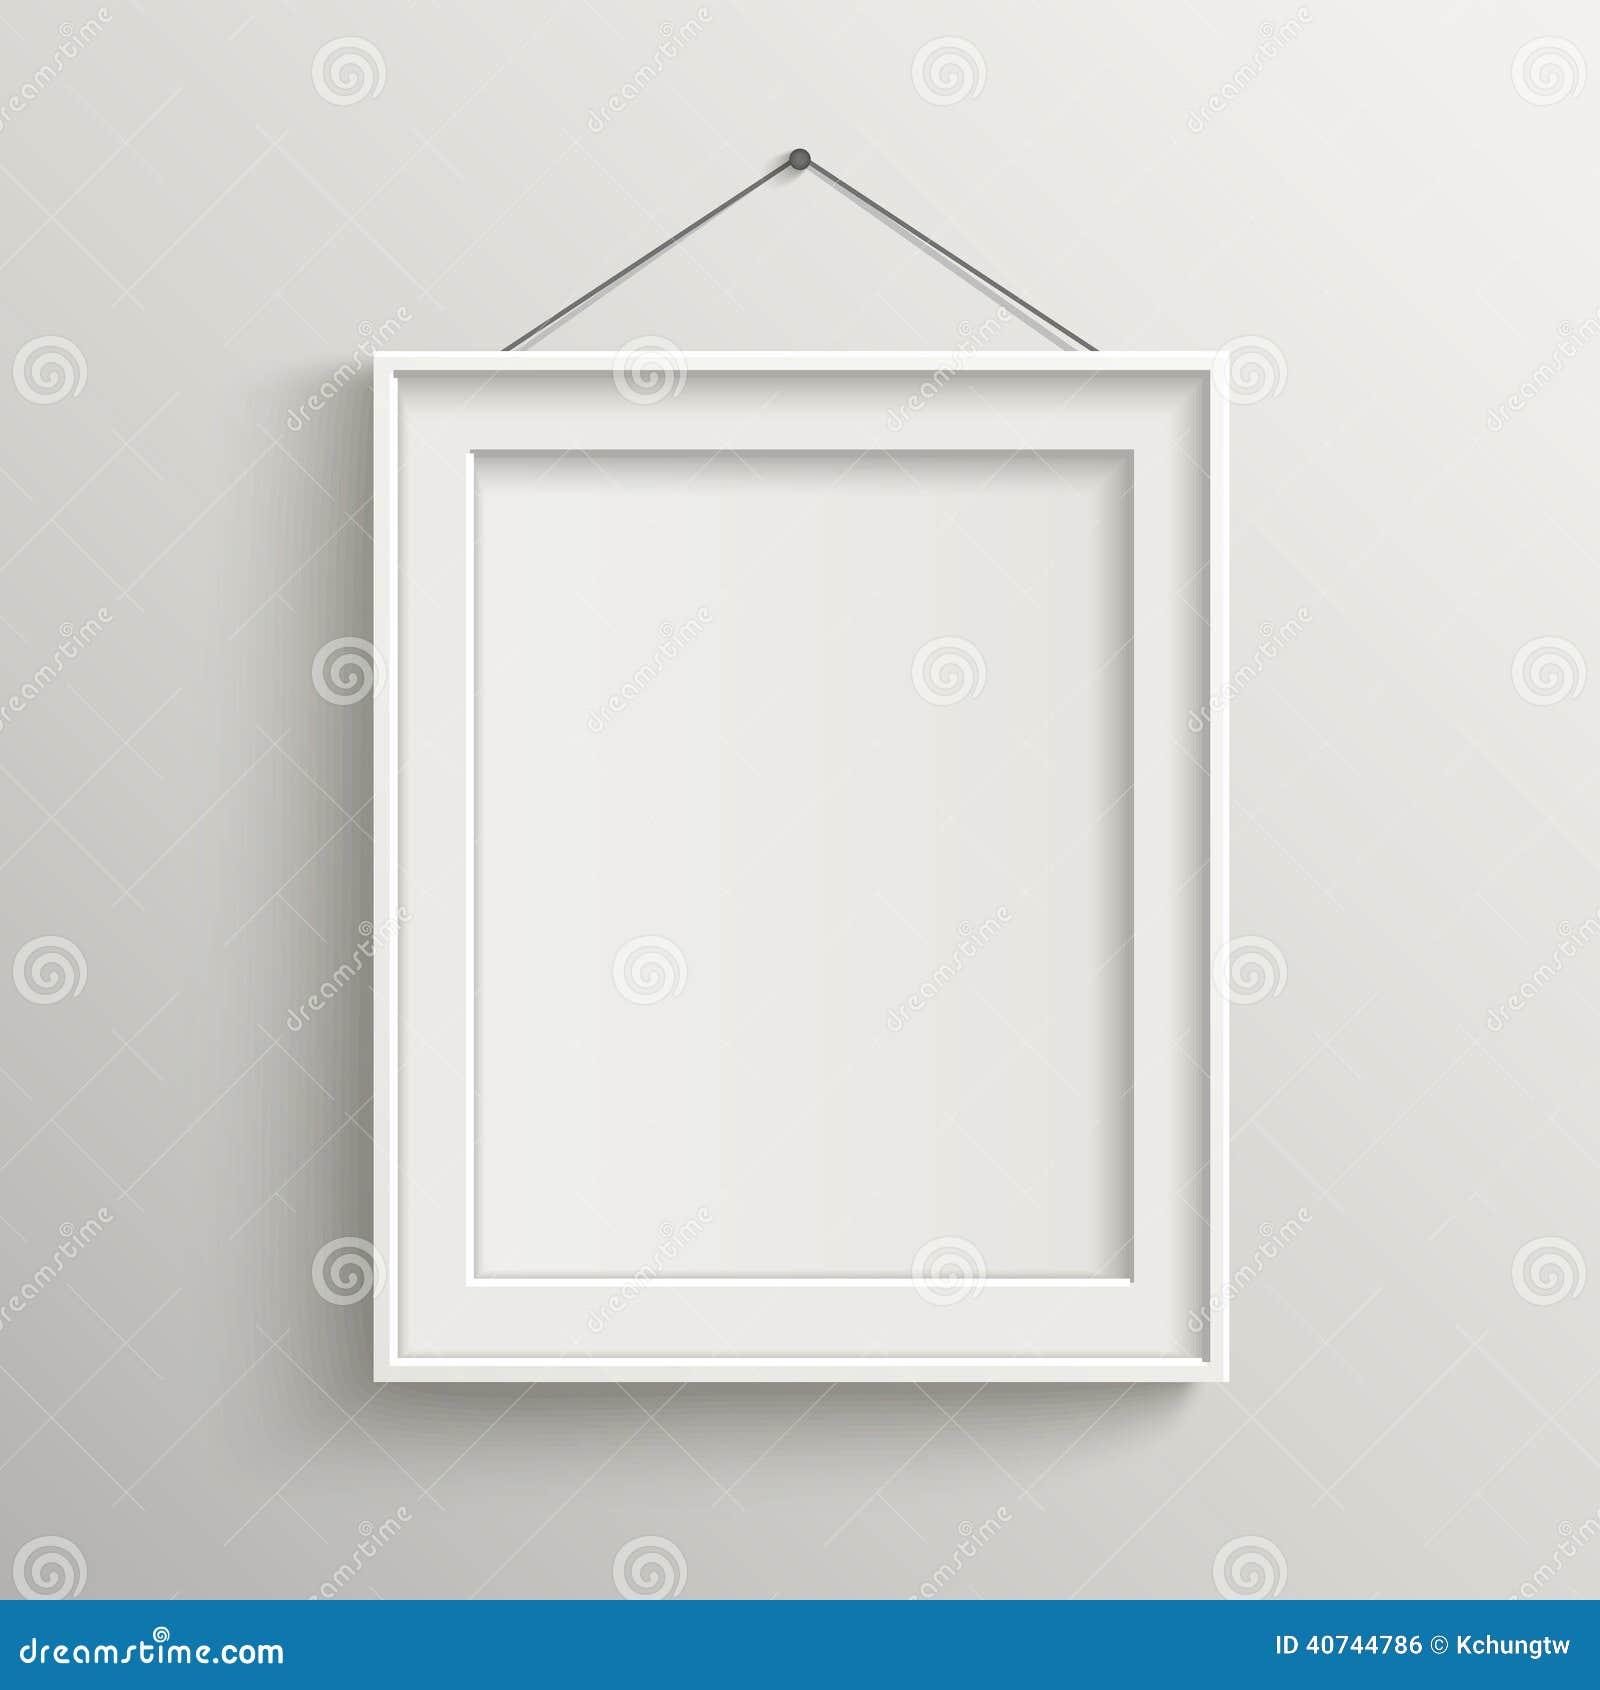 Marco En Blanco En La Pared Blanca Con La Sombra Ilustración del ...